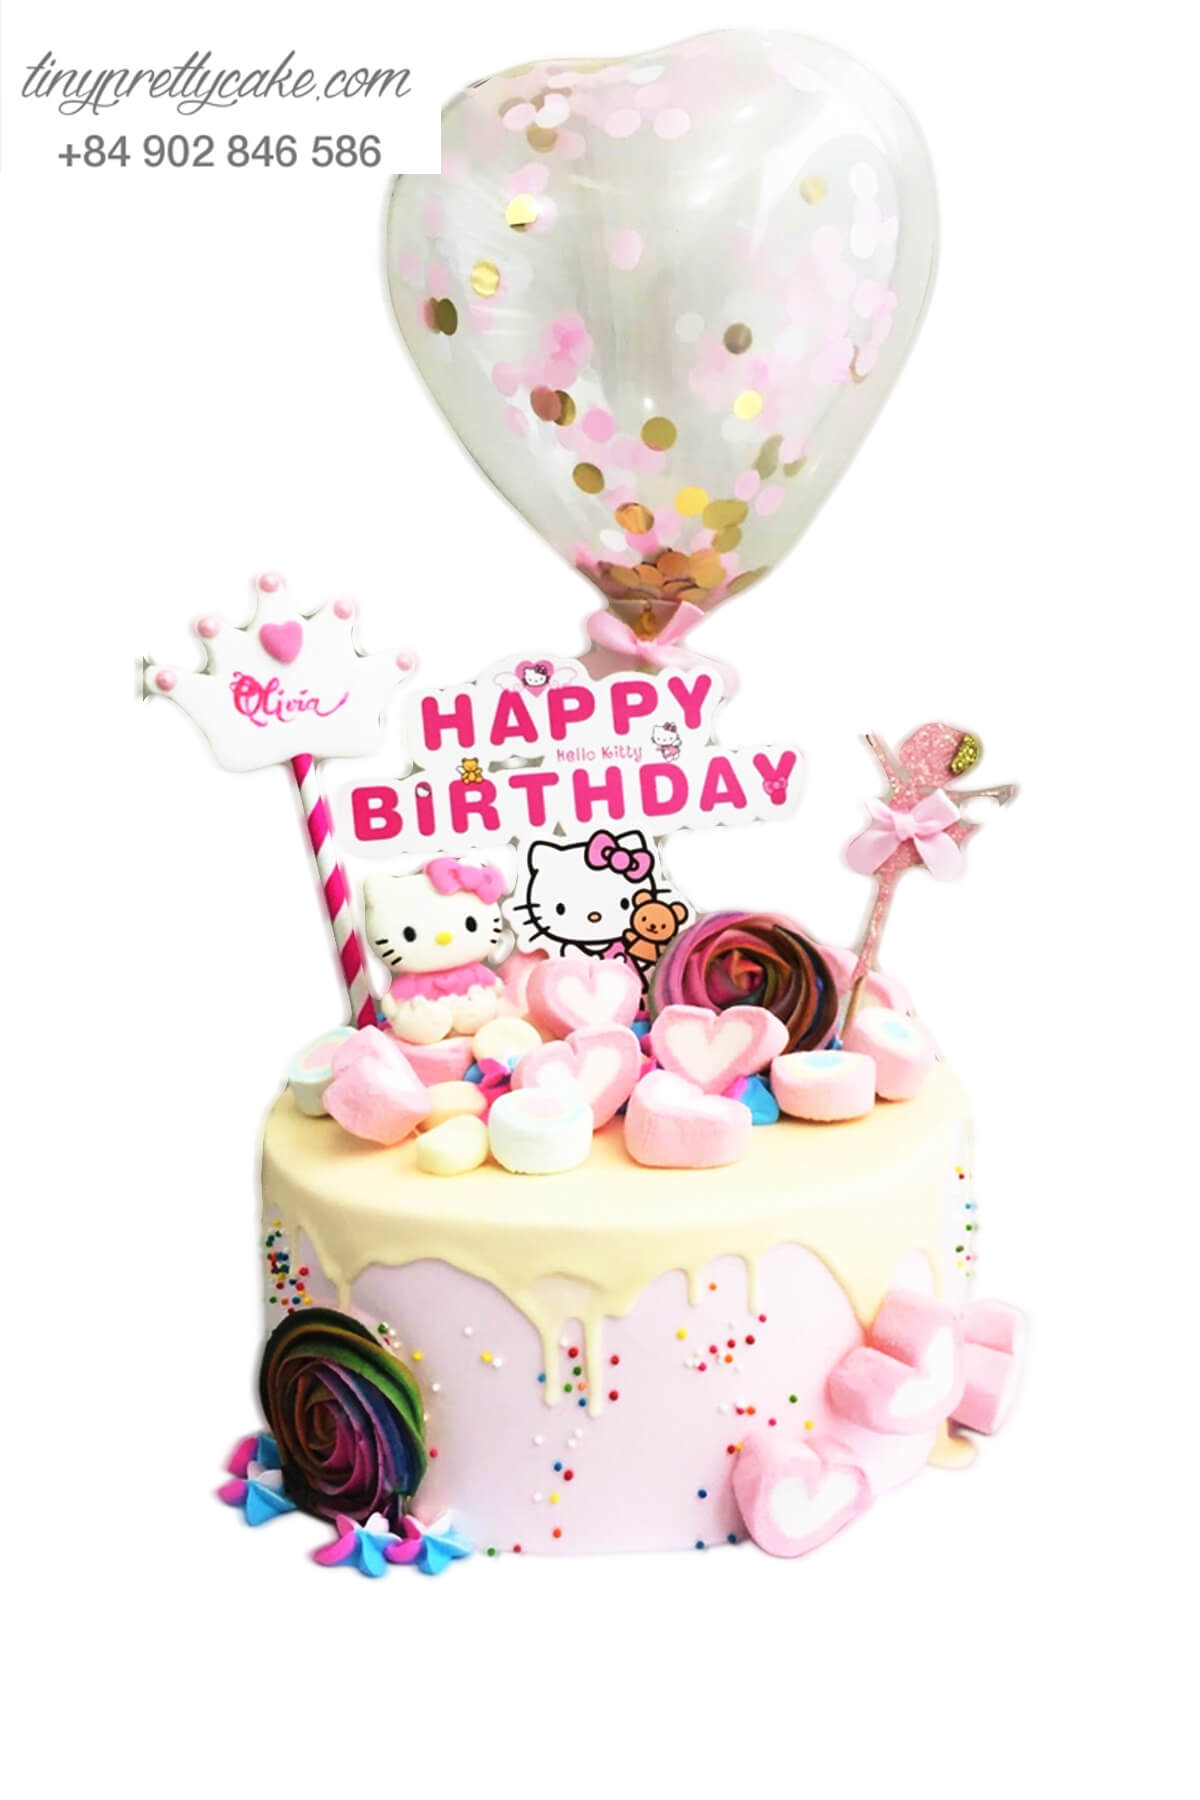 bánh sinh nhật hello kitty đẹp